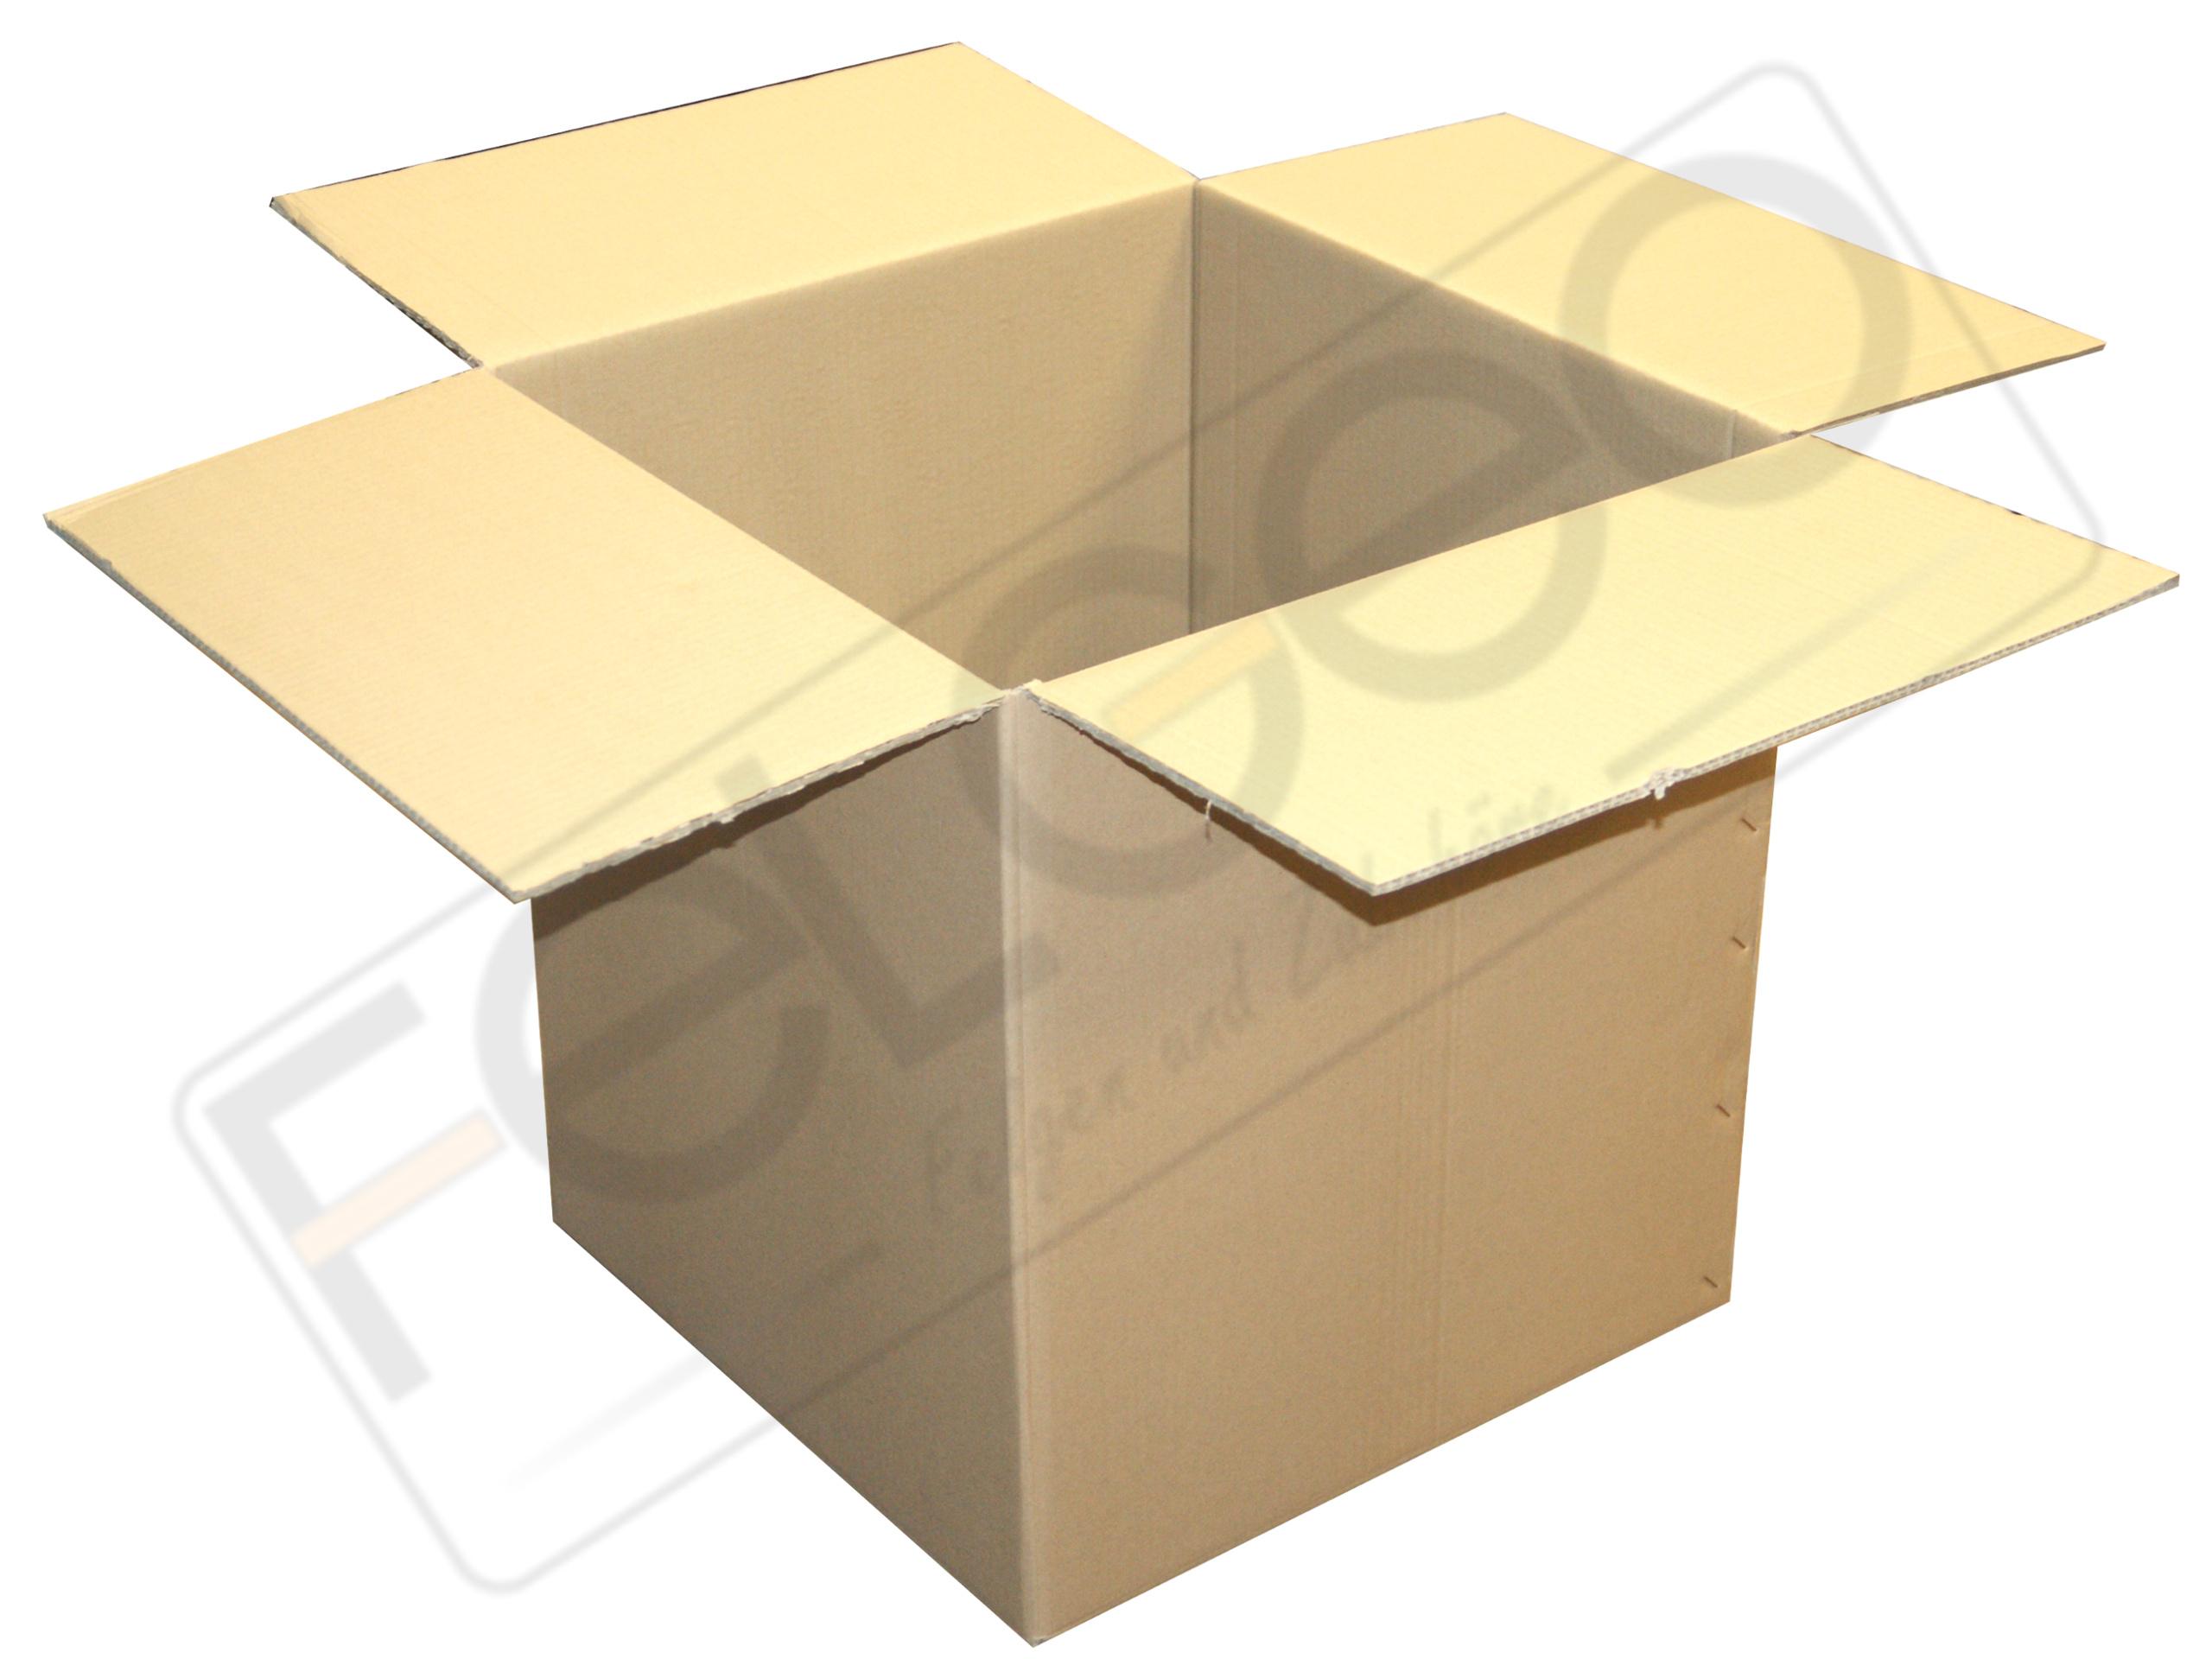 felgenkarton 13 14 karton faltkarton felge versandkarton. Black Bedroom Furniture Sets. Home Design Ideas